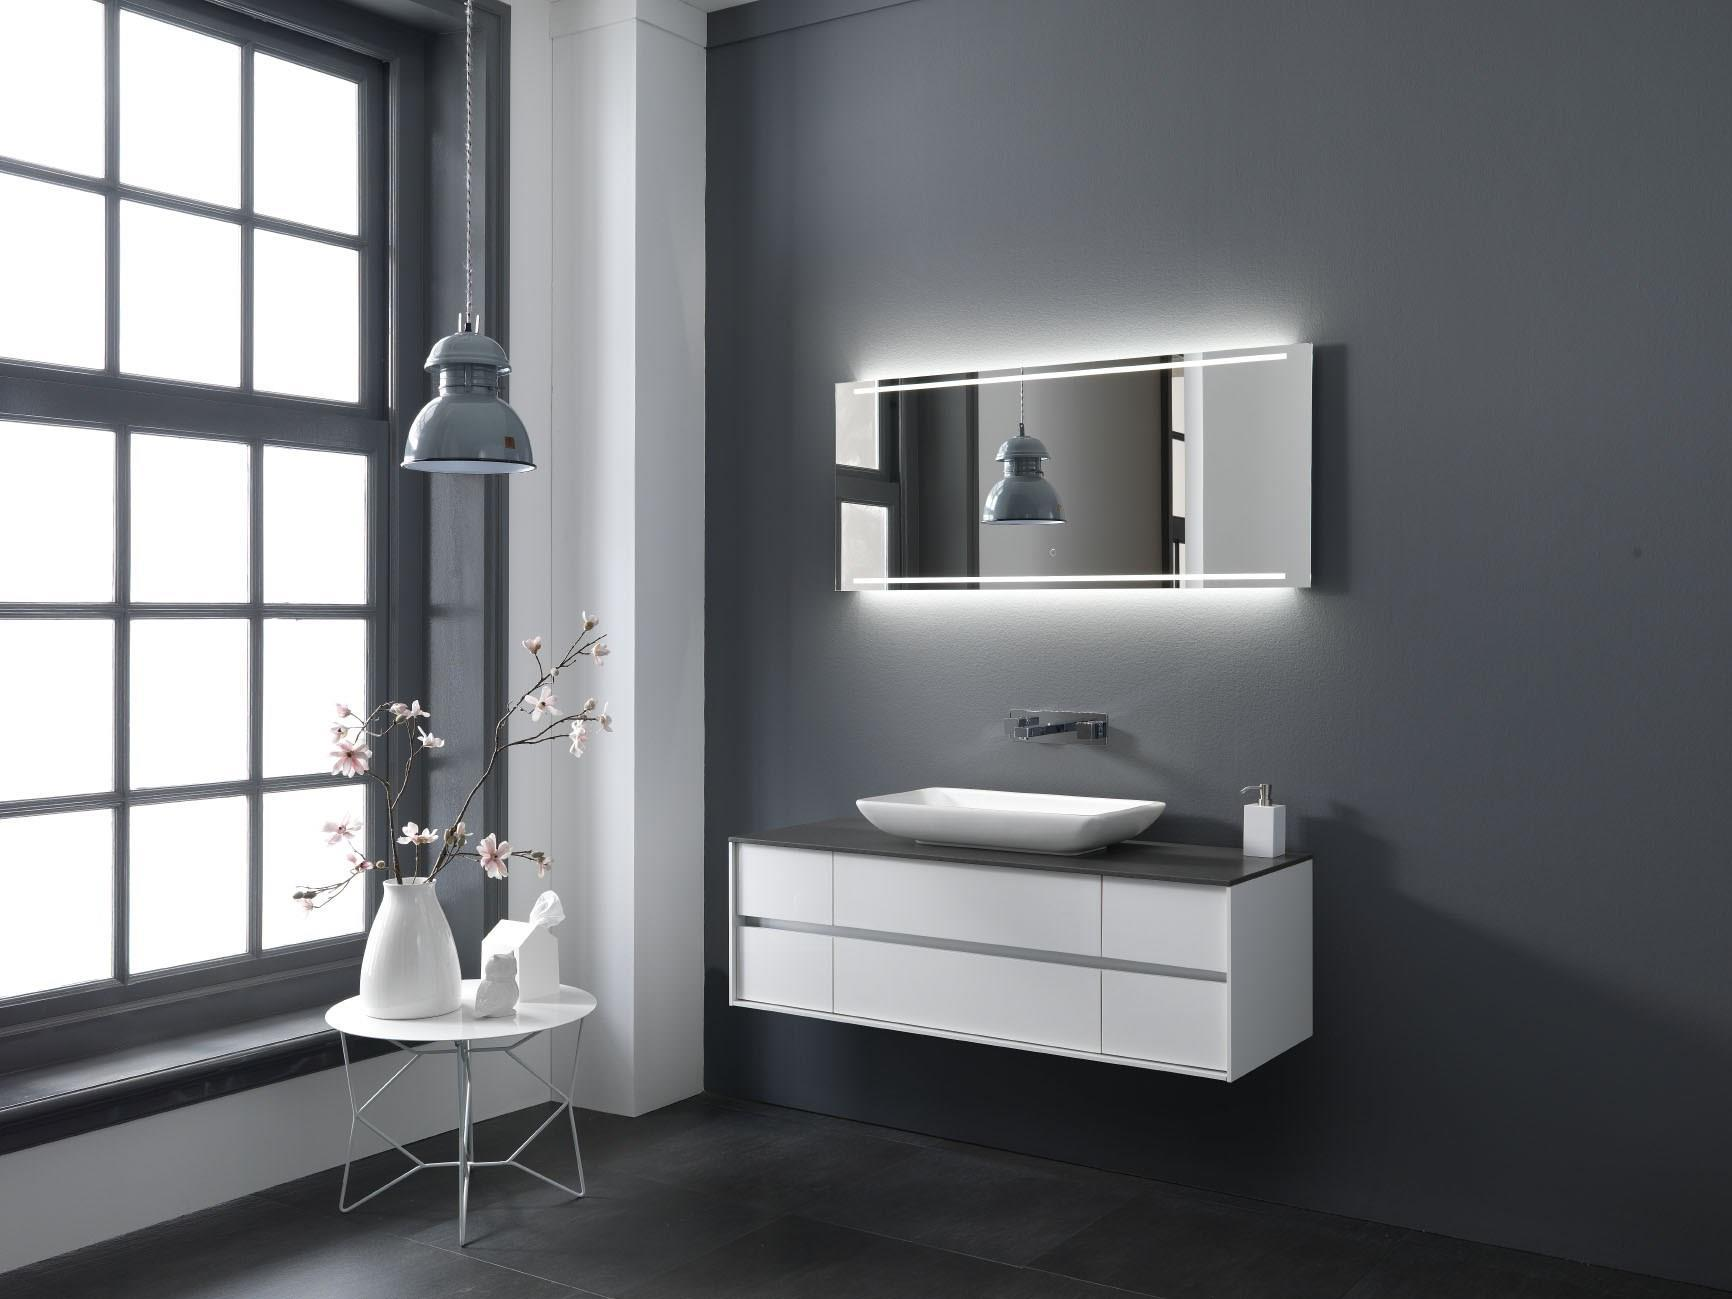 Holzbadmöbel • Bilder & Ideen • Couchstyle